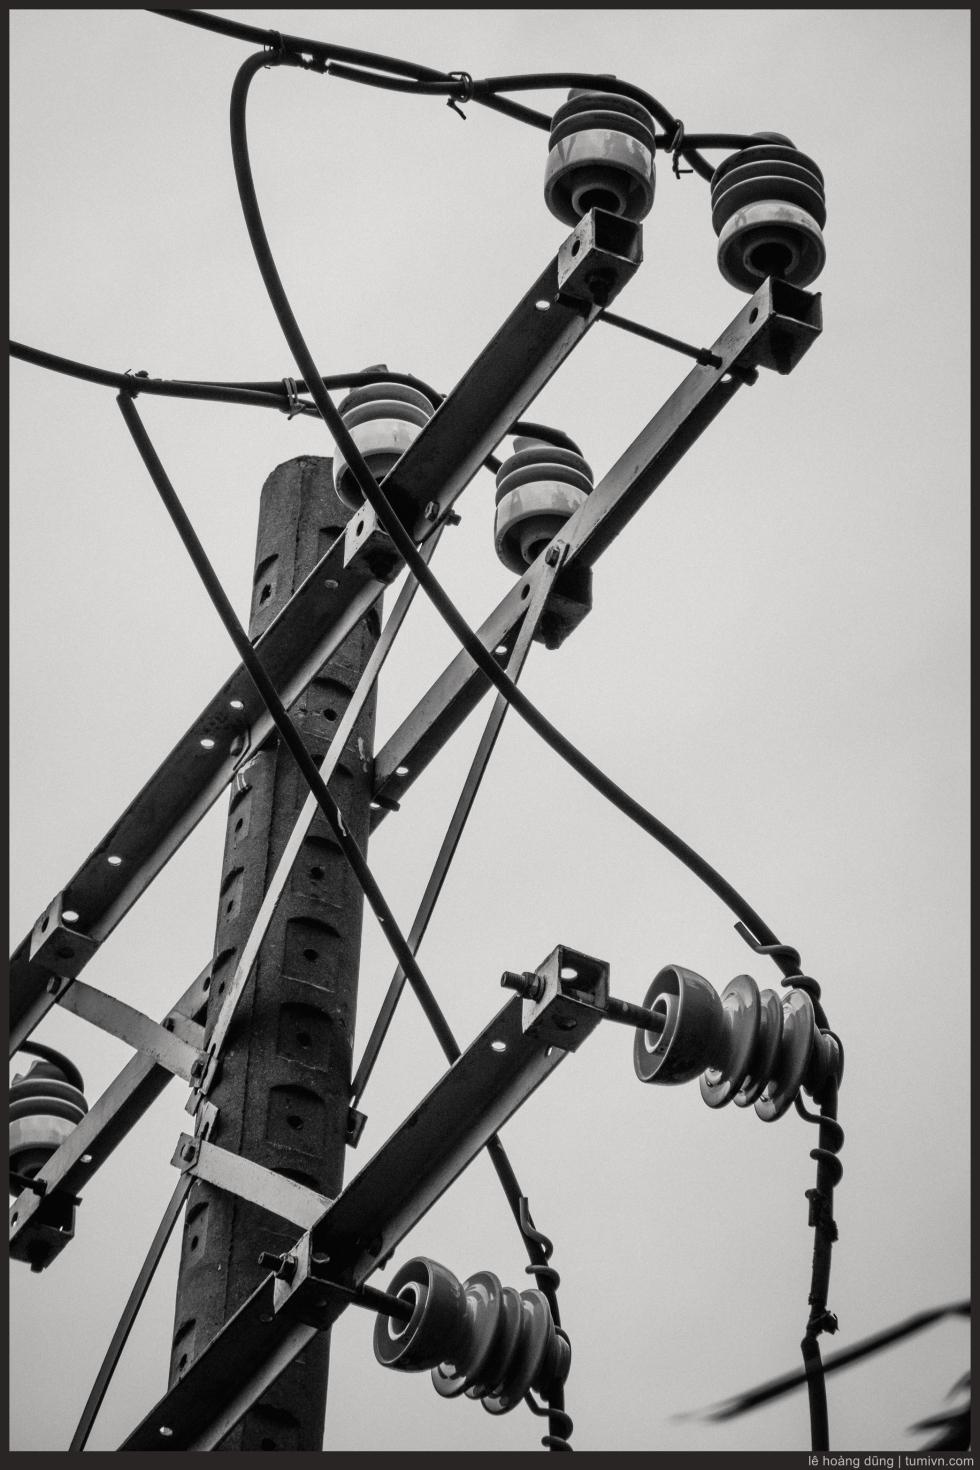 20190101-dsc-rx100m6-24-200mm f2.8-4.5-daunam-29